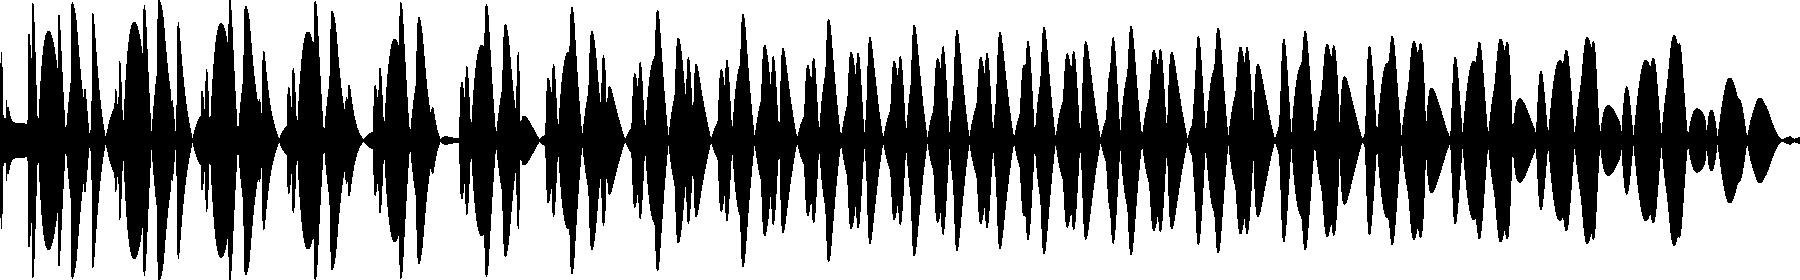 vedh bass cut 102 f